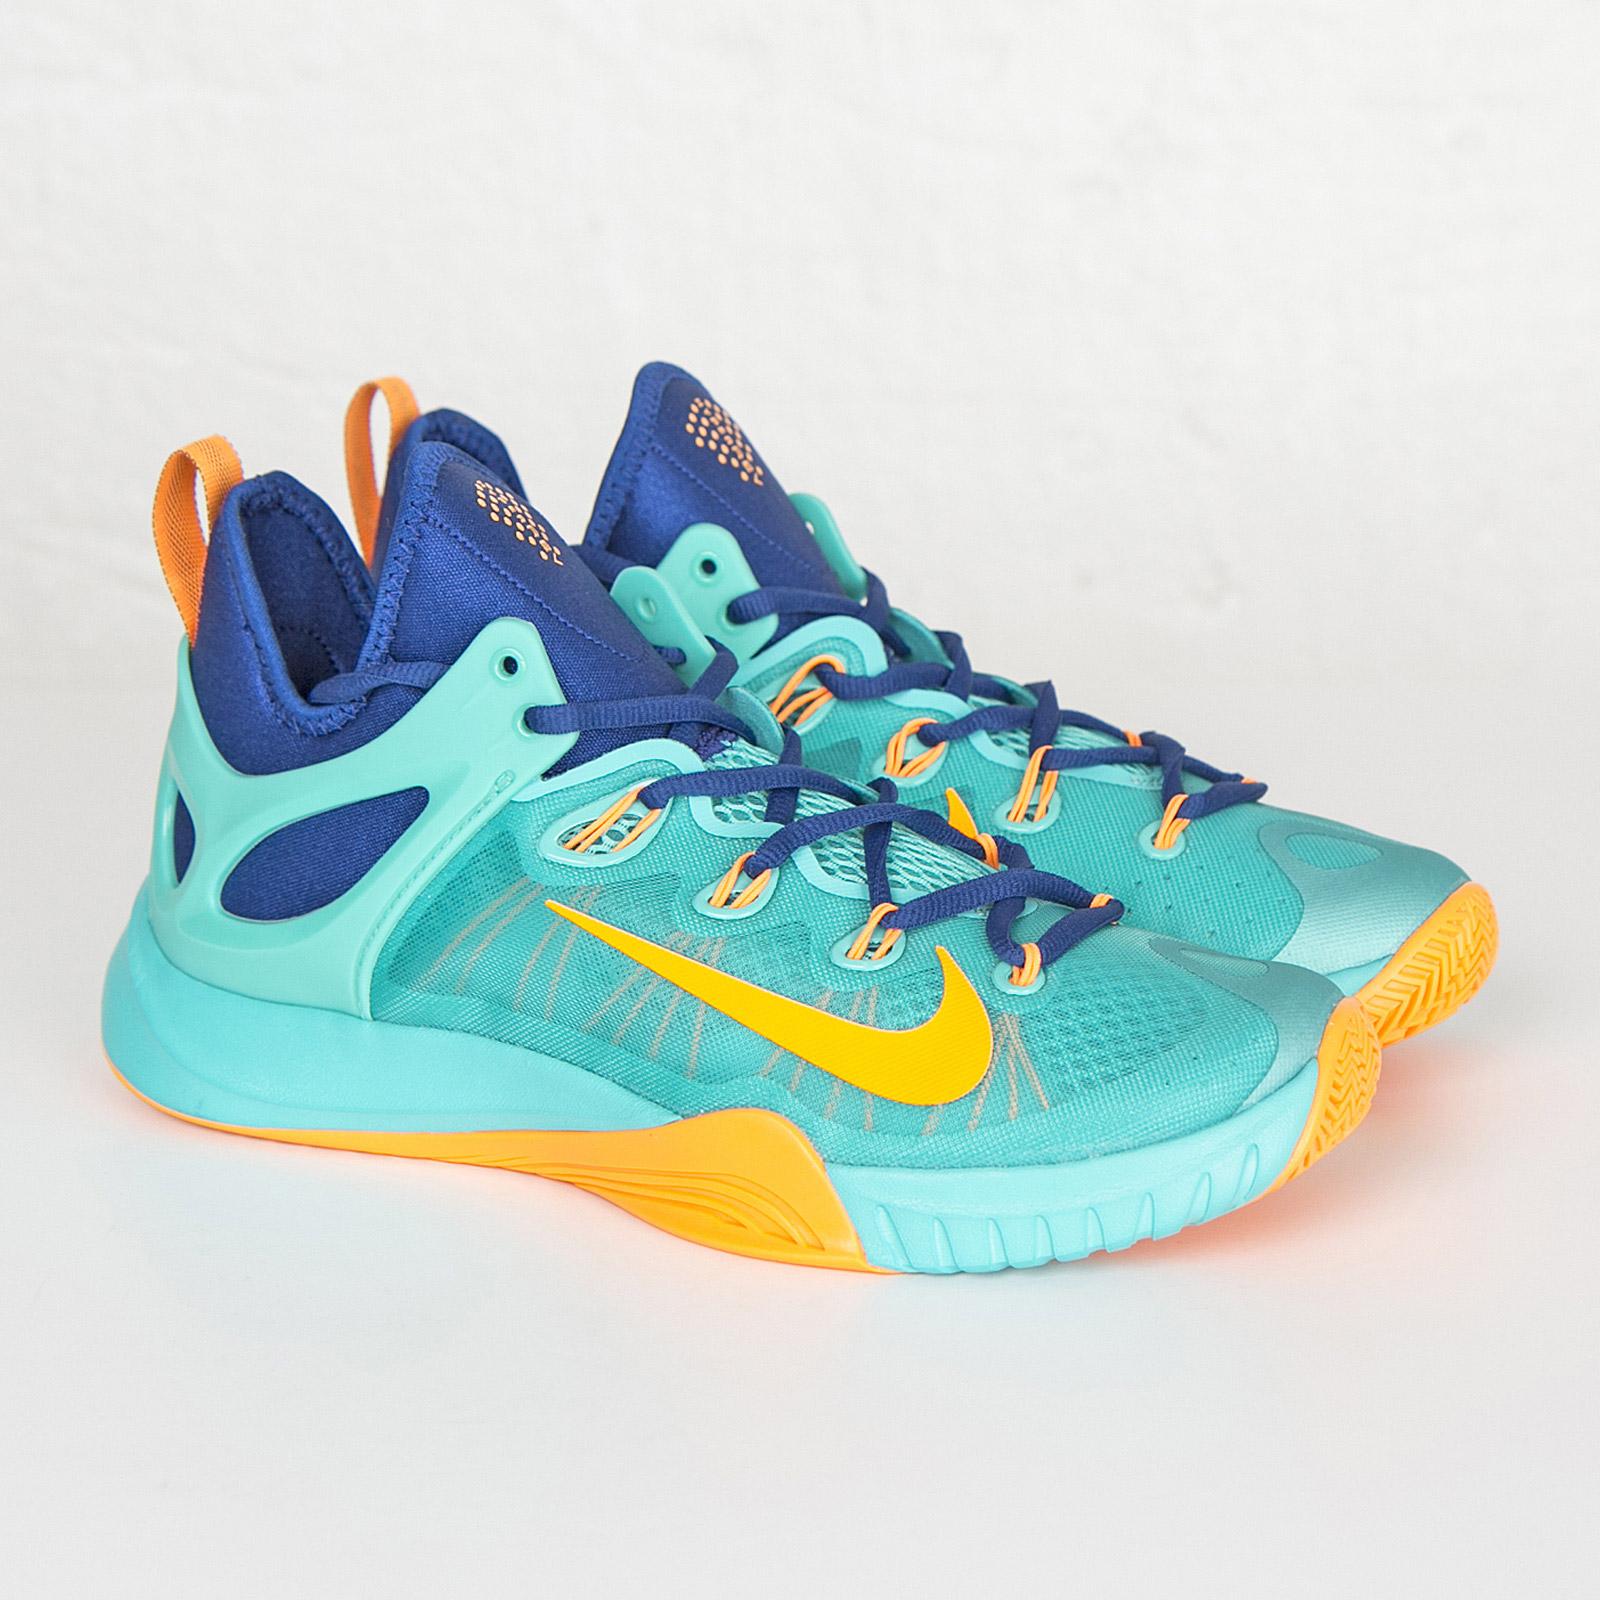 2ac1a75c296 Nike Zoom HyperRev 2015 - 705370-484 - Sneakersnstuff